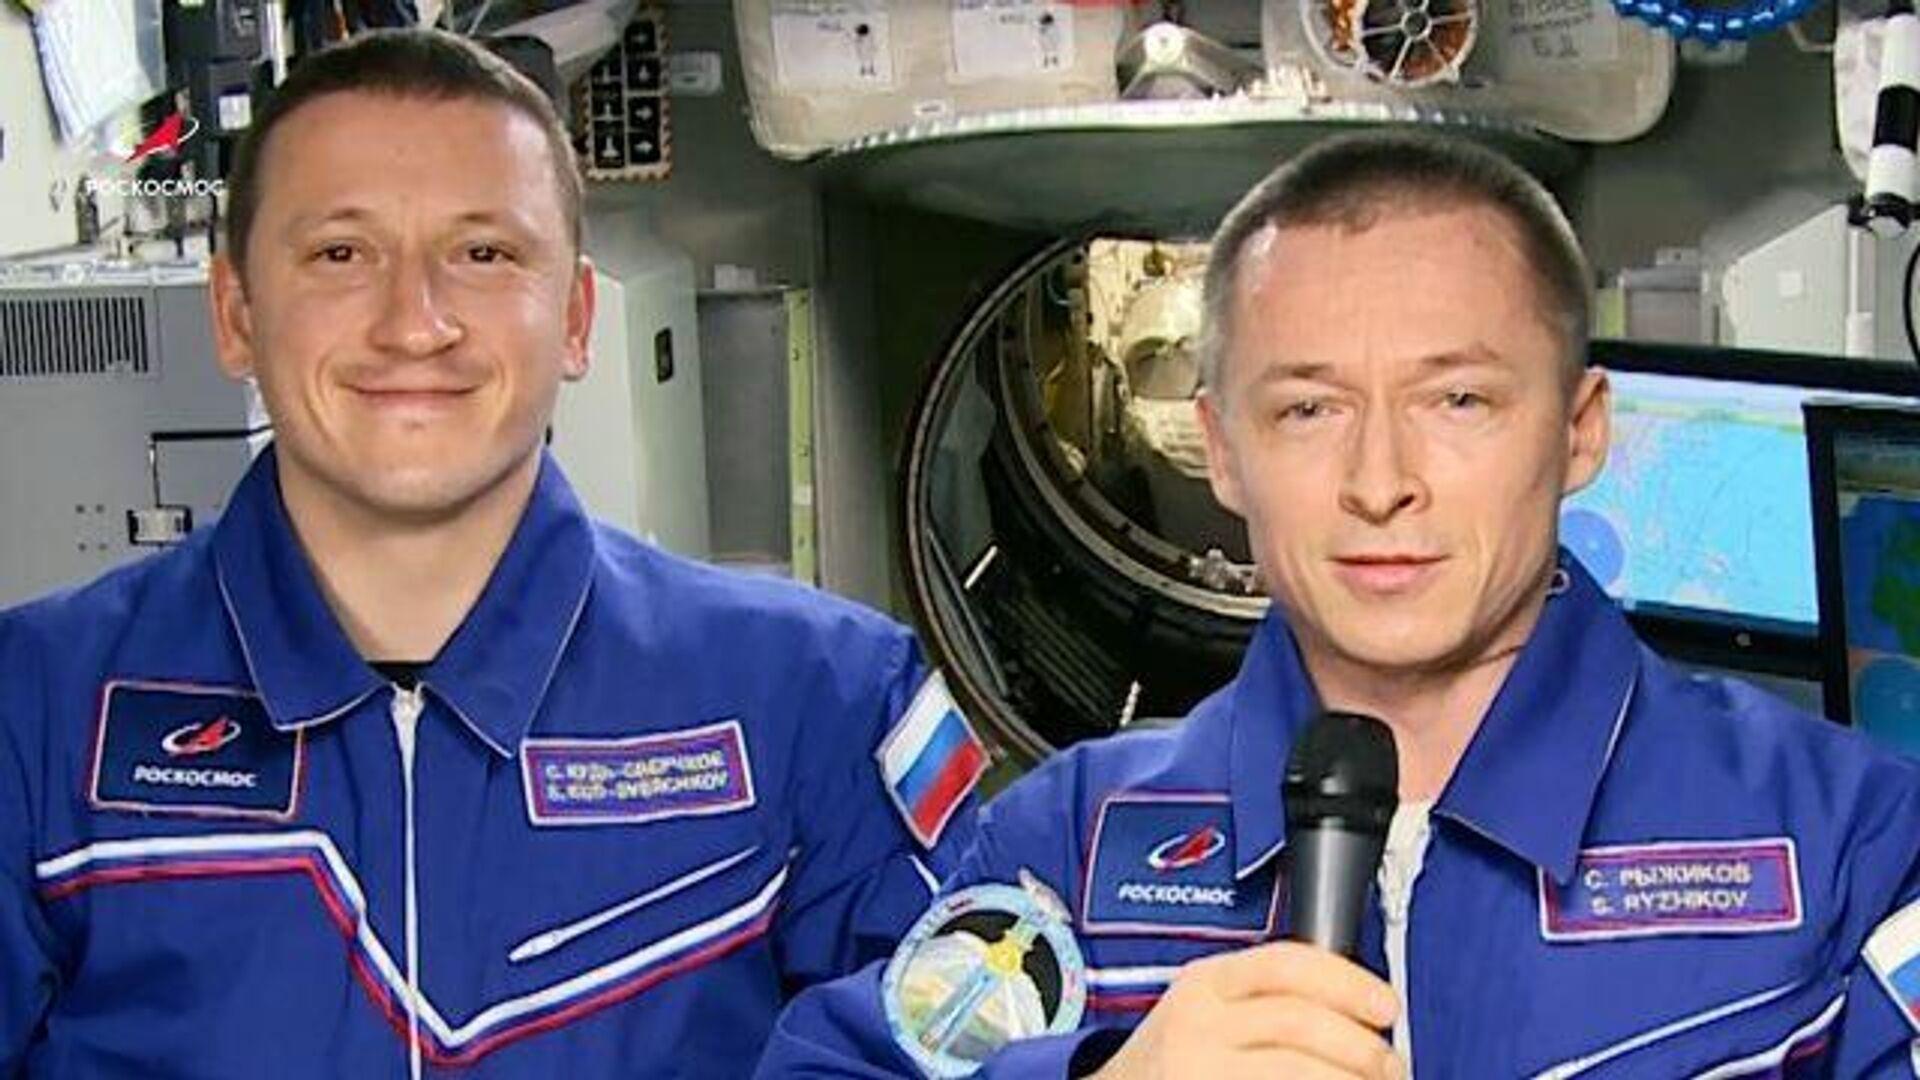 С началом весны! – поздравление от российских космонавтов с борта МКС - РИА Новости, 1920, 08.03.2021